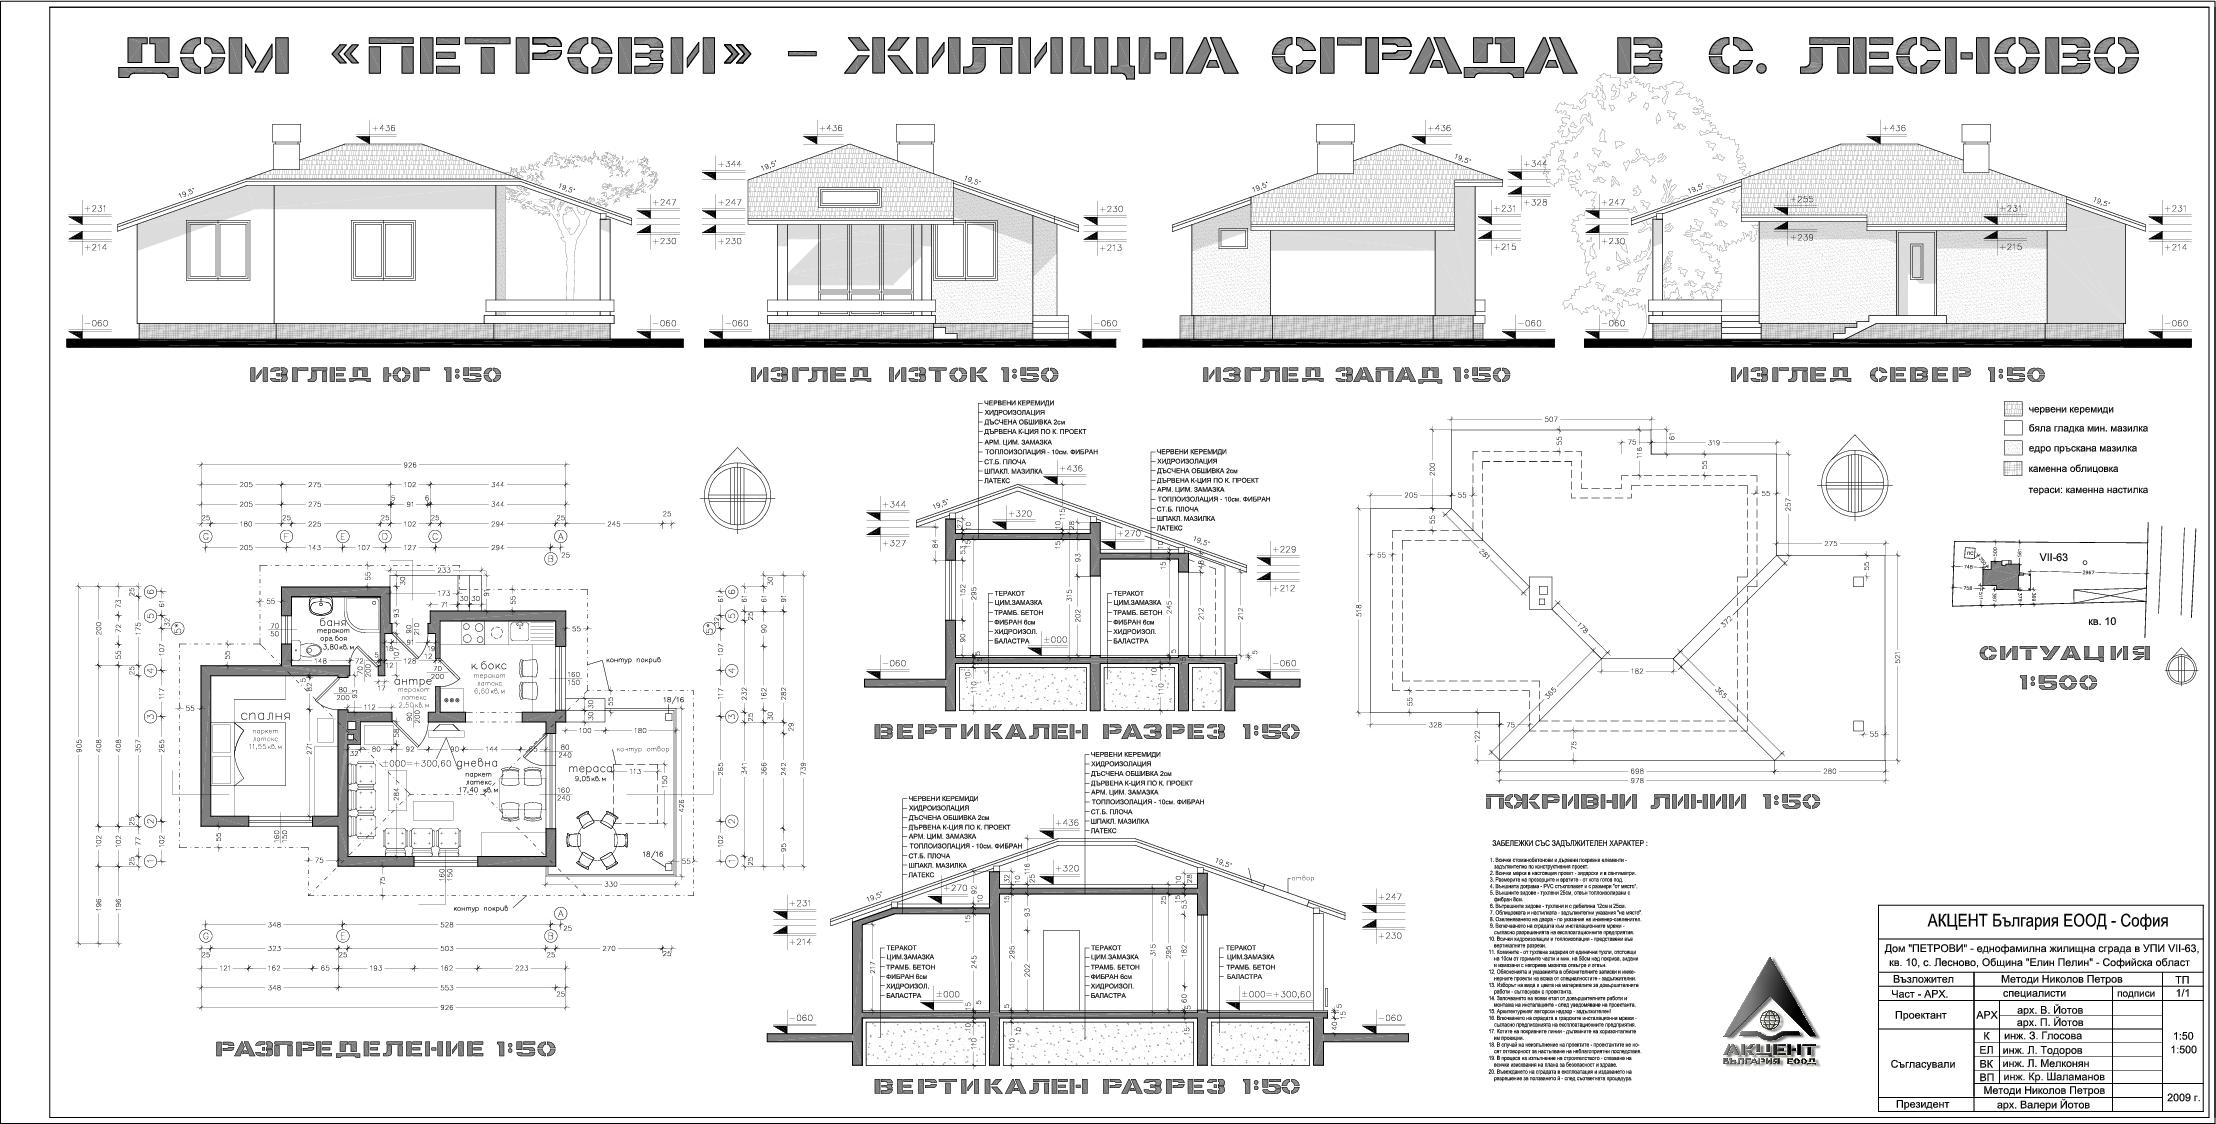 Logiciel architecture logiciel de dessin logiciel de - Logiciel dessin architecture ...